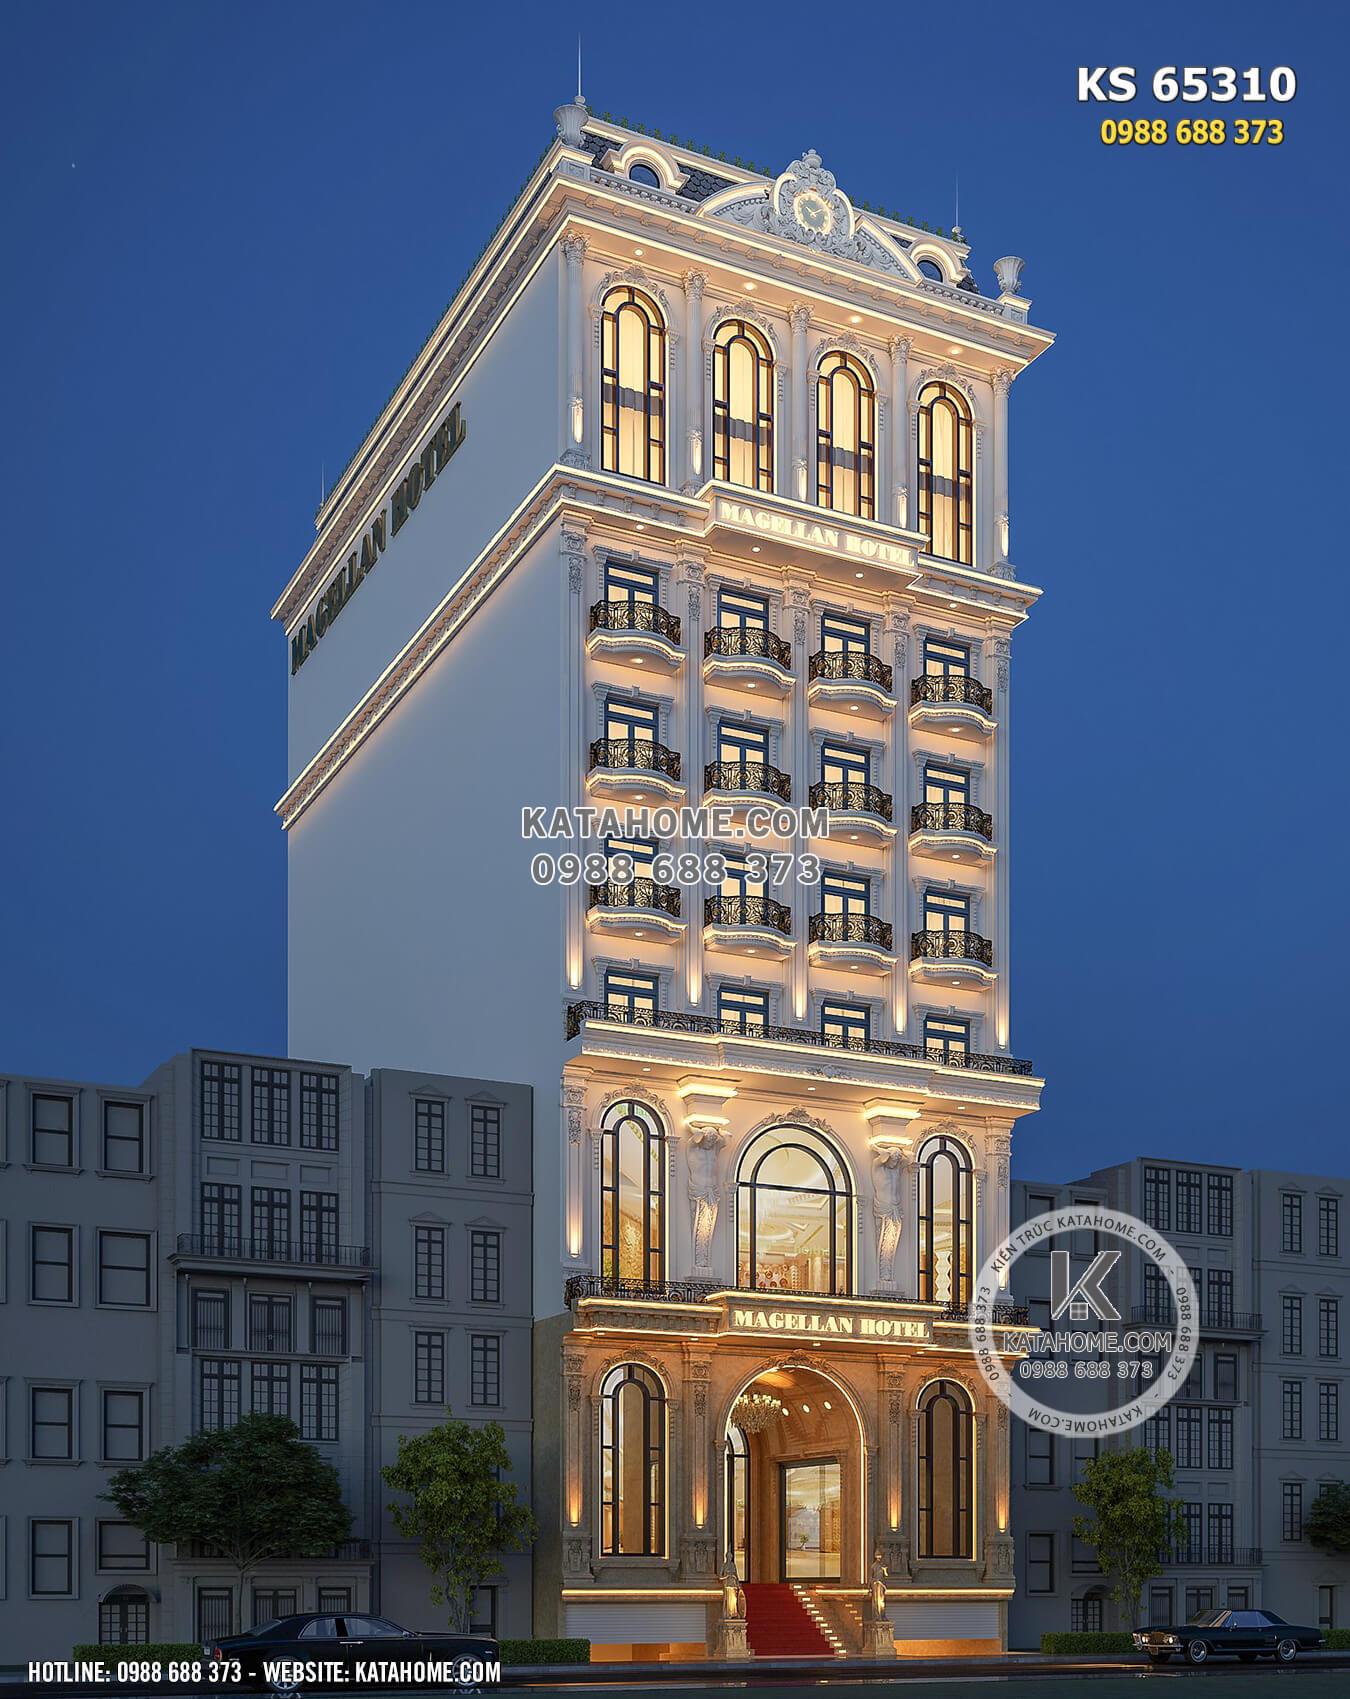 Hình ảnh: Vẻ đẹp của lối kiến trúc tân cổ điển dành cho mẫu thiết kế khách sạn 4 sao